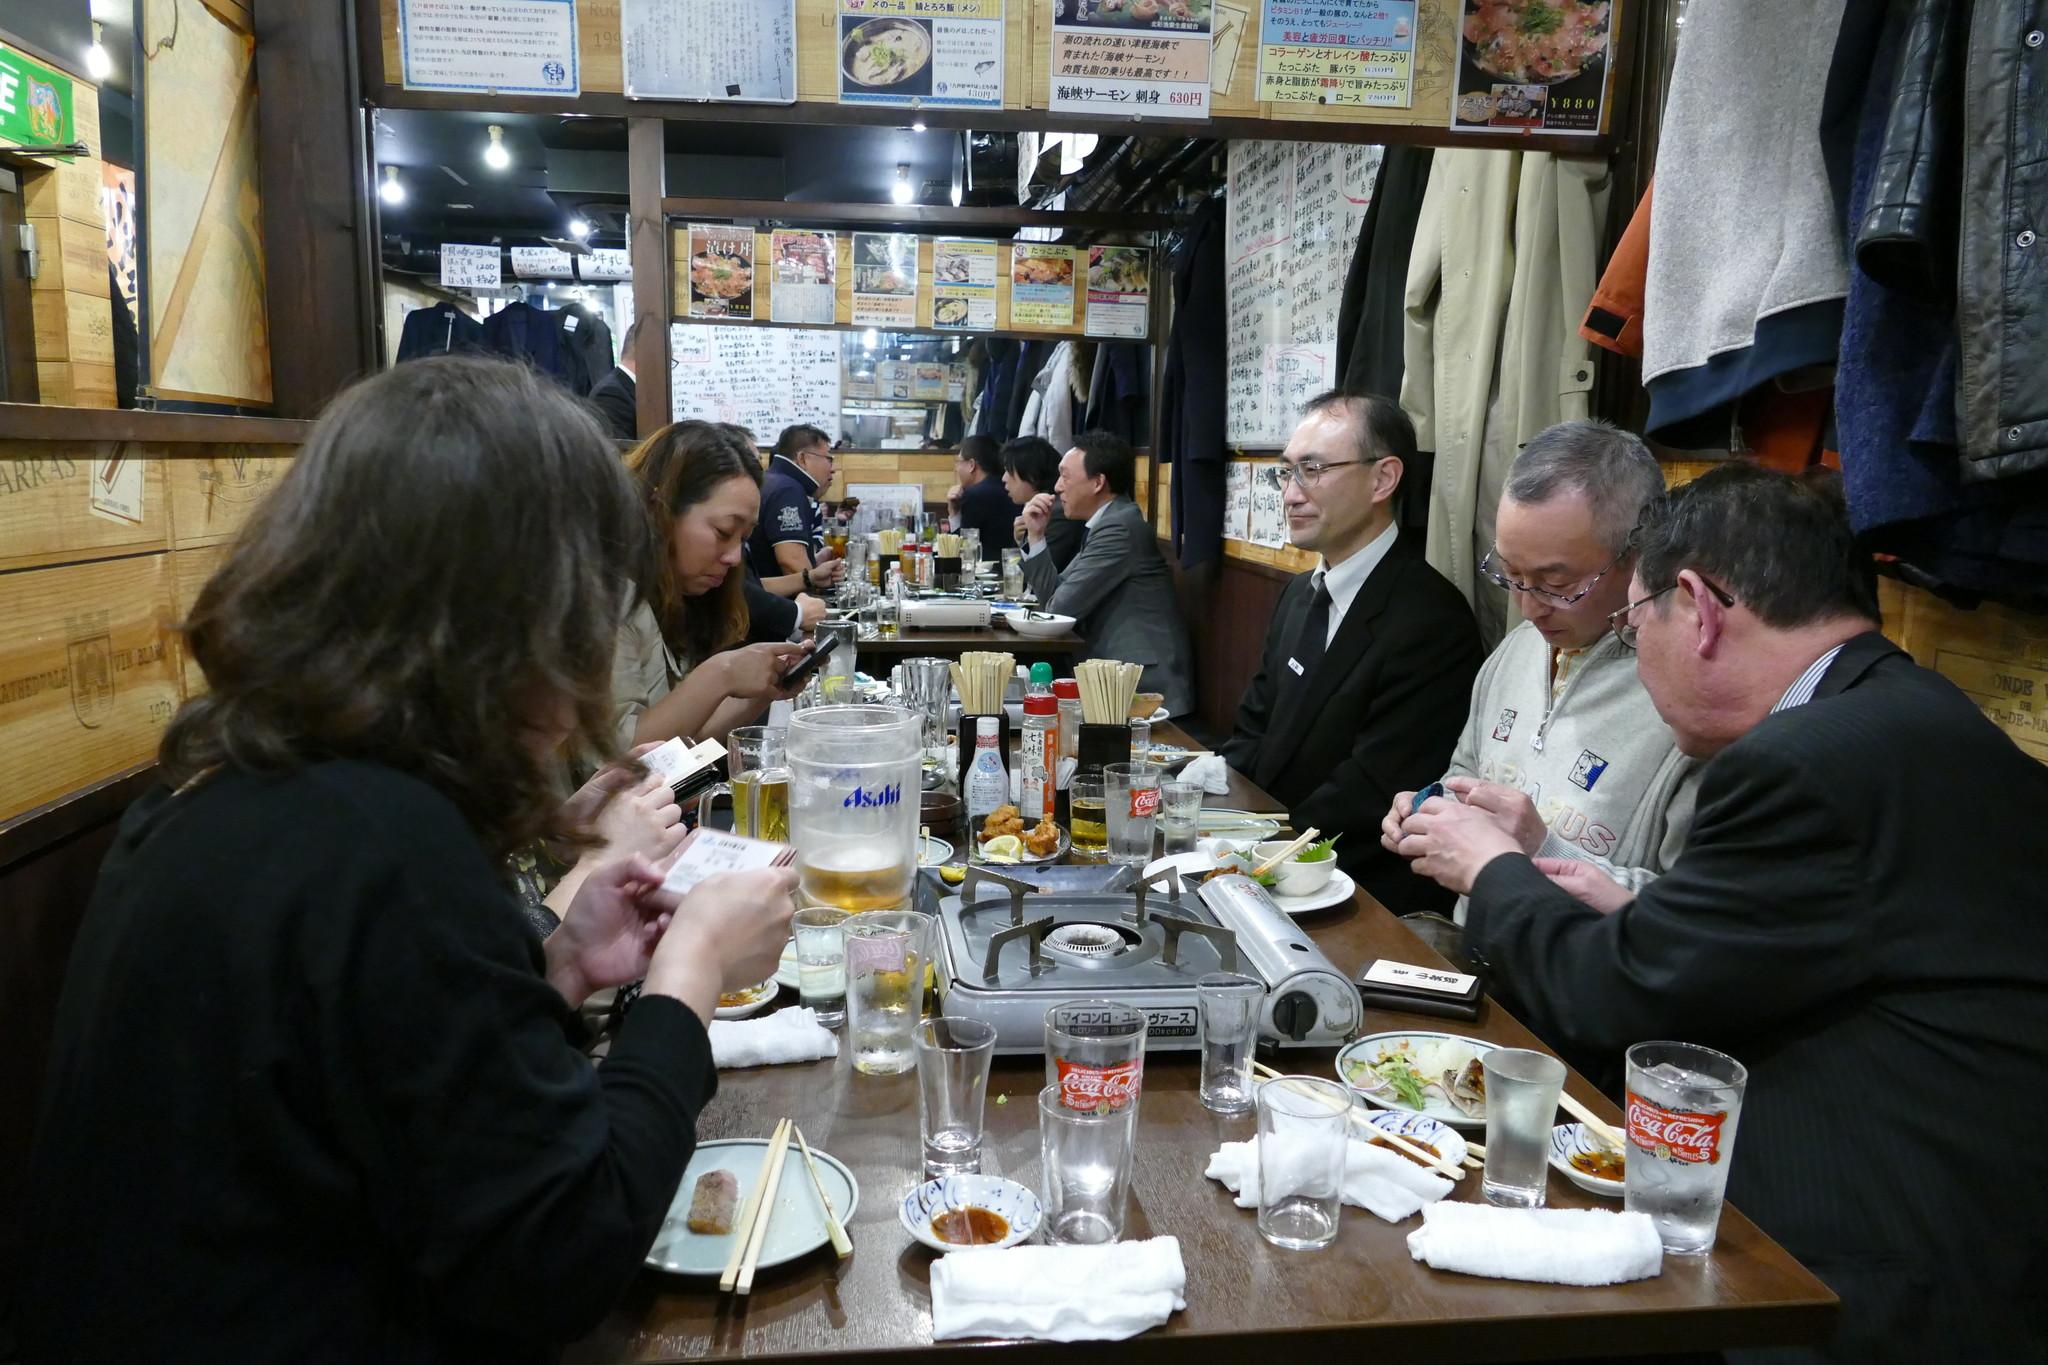 P1220737 - 2017年3月21日AOsuki総会開催